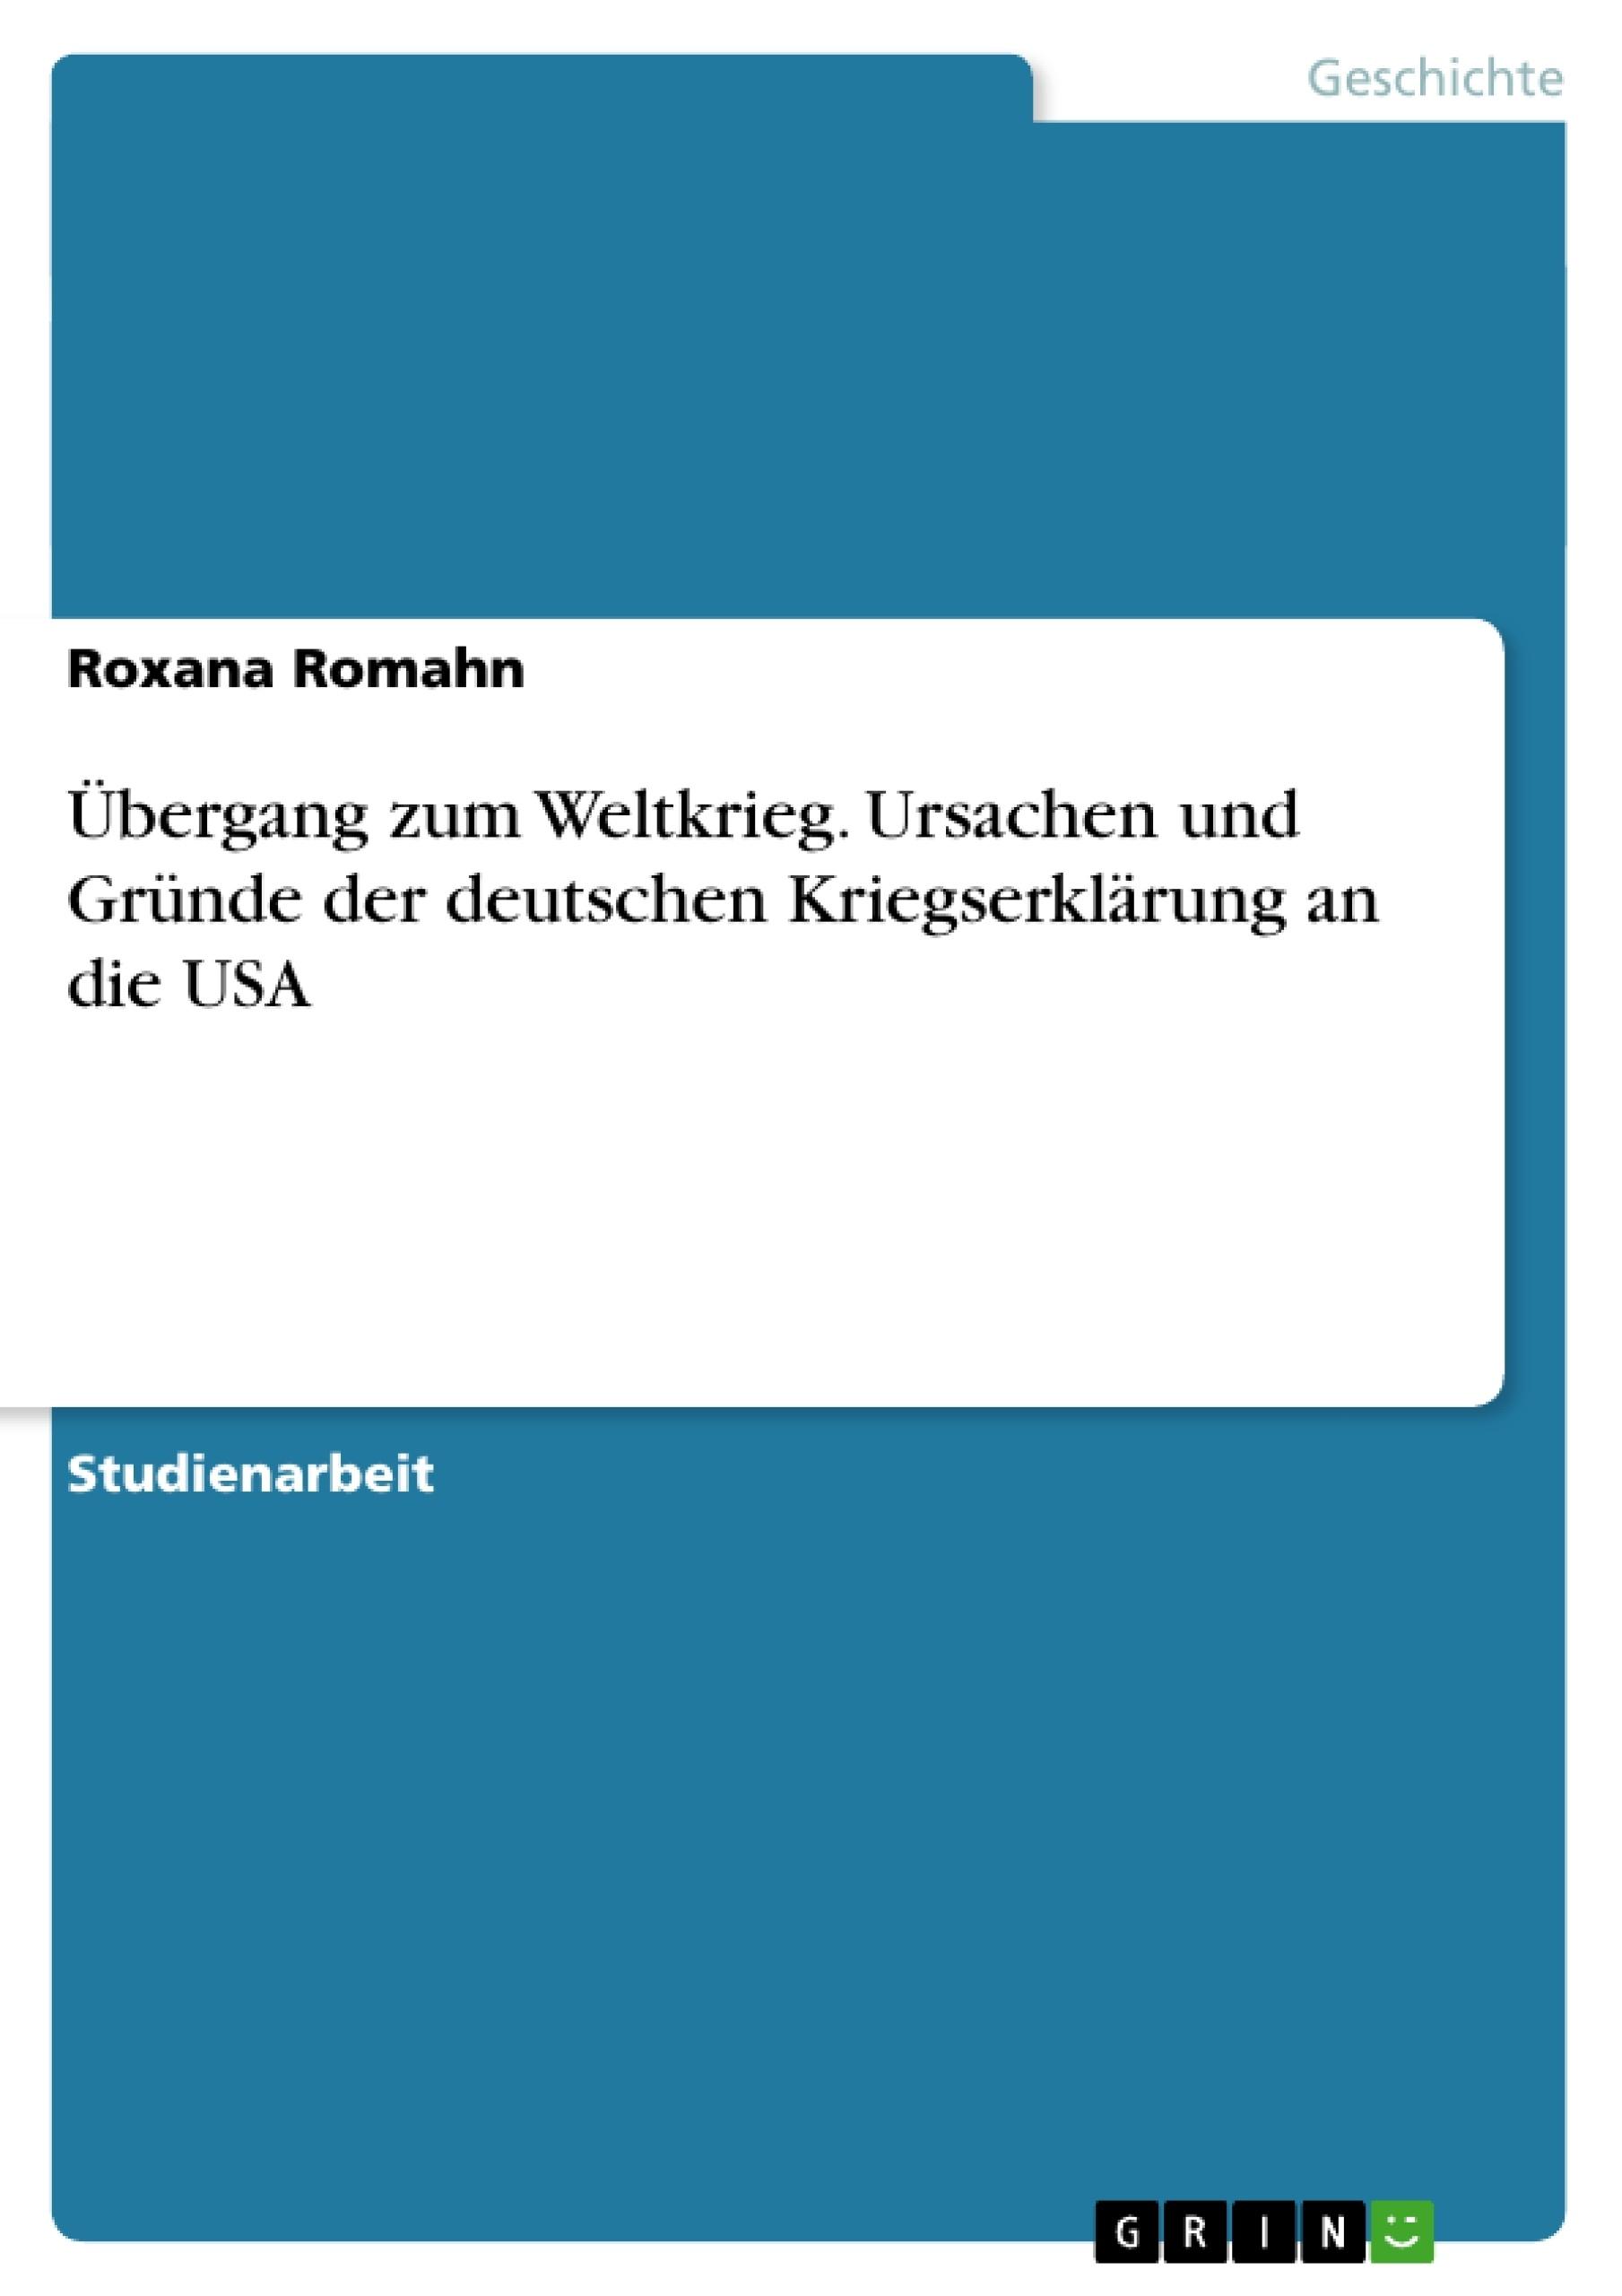 Titel: Übergang zum Weltkrieg. Ursachen und Gründe der deutschen Kriegserklärung an die USA